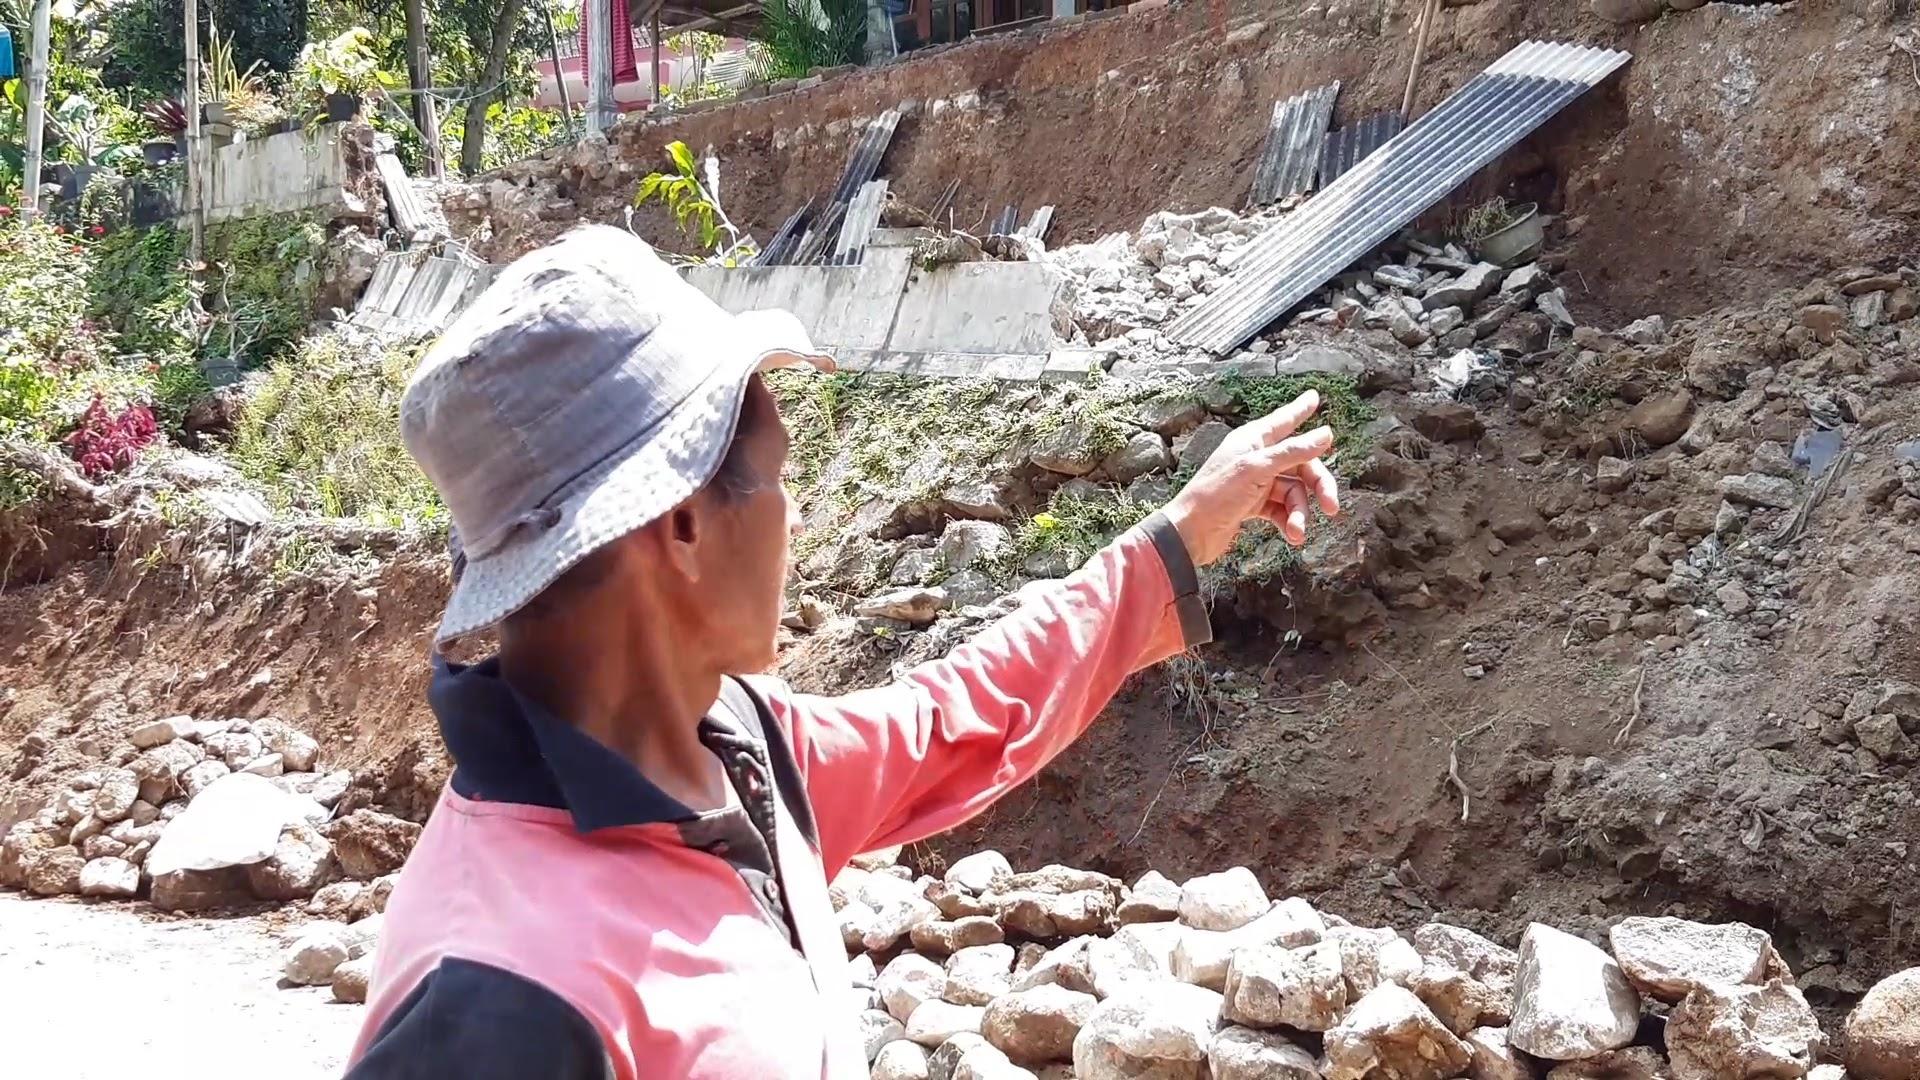 Longsor Menimpa Rumah Warga, Perangkat Desa Tak Ada Greget Untuk Membantu